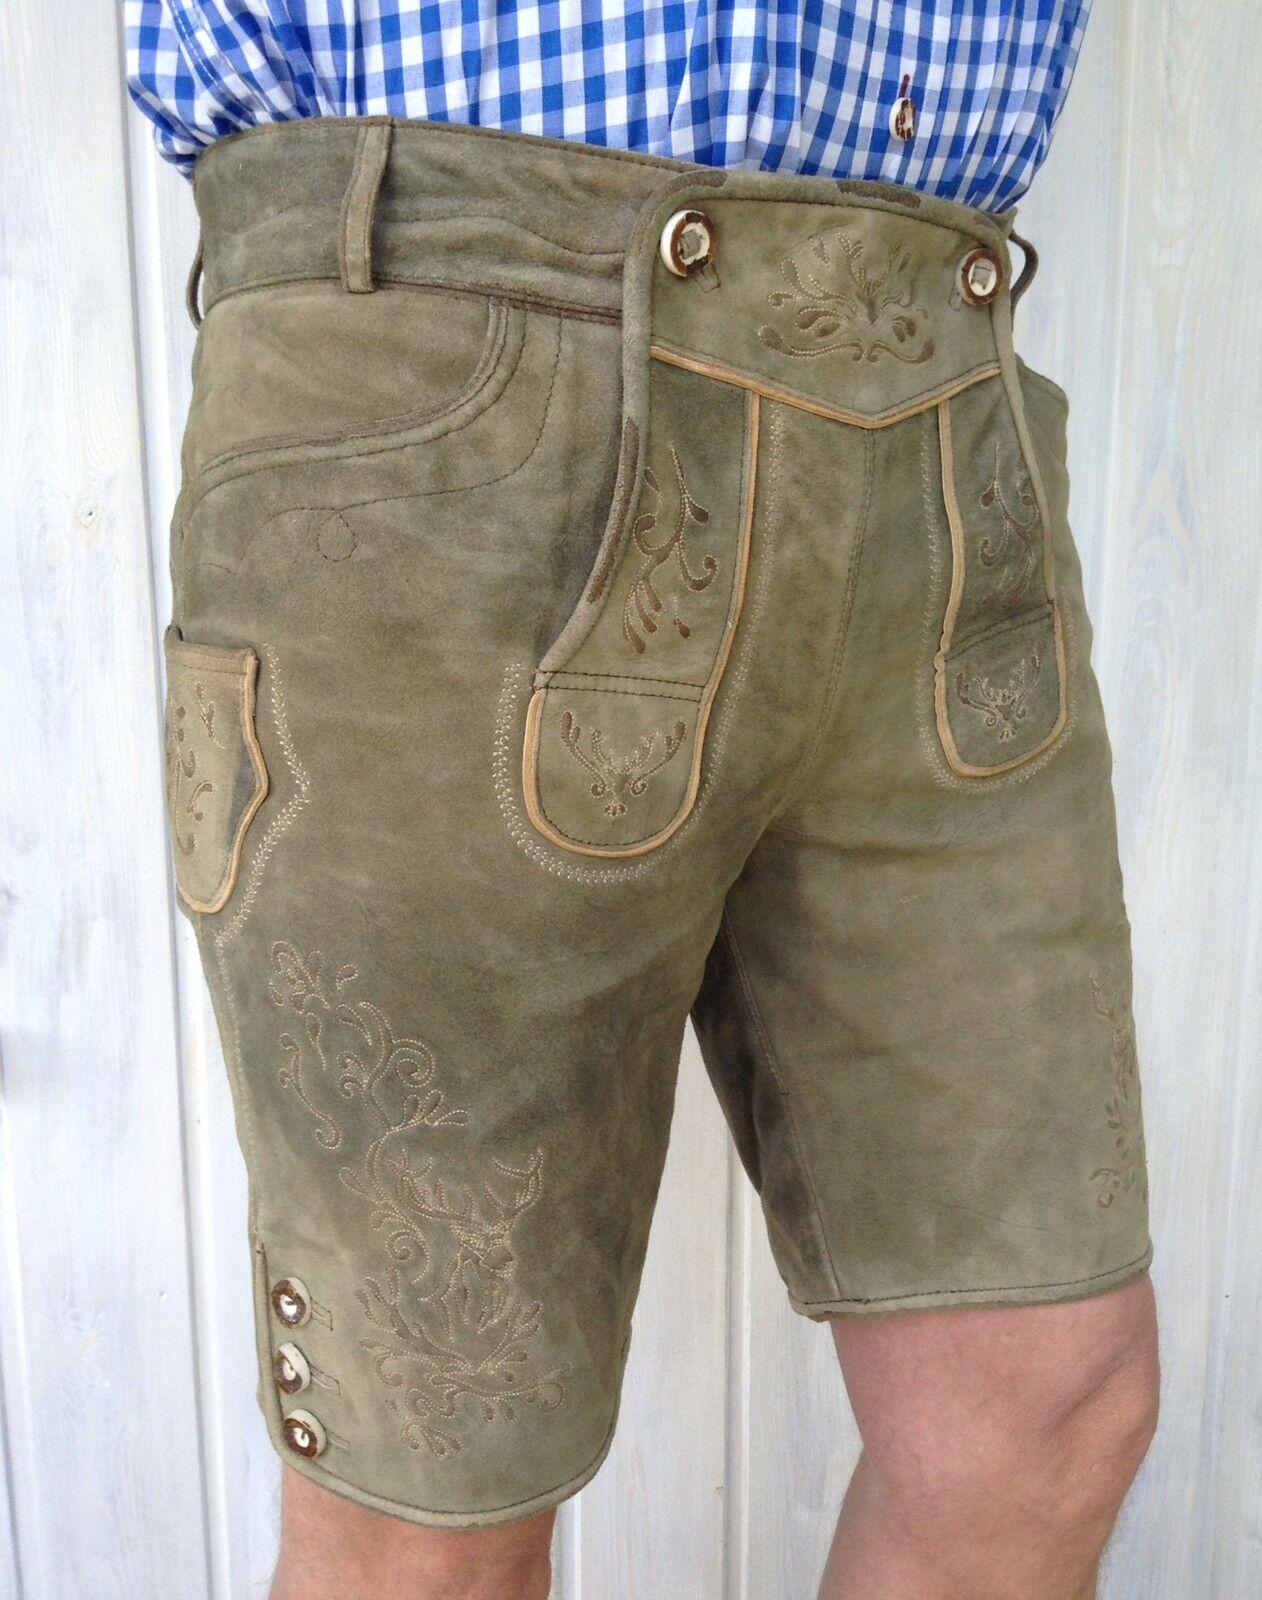 Krüger Buam pantalon cuir de de de gant doux ziegenvelourleder t. 46-58 € 249 Nouveau 49b8e6